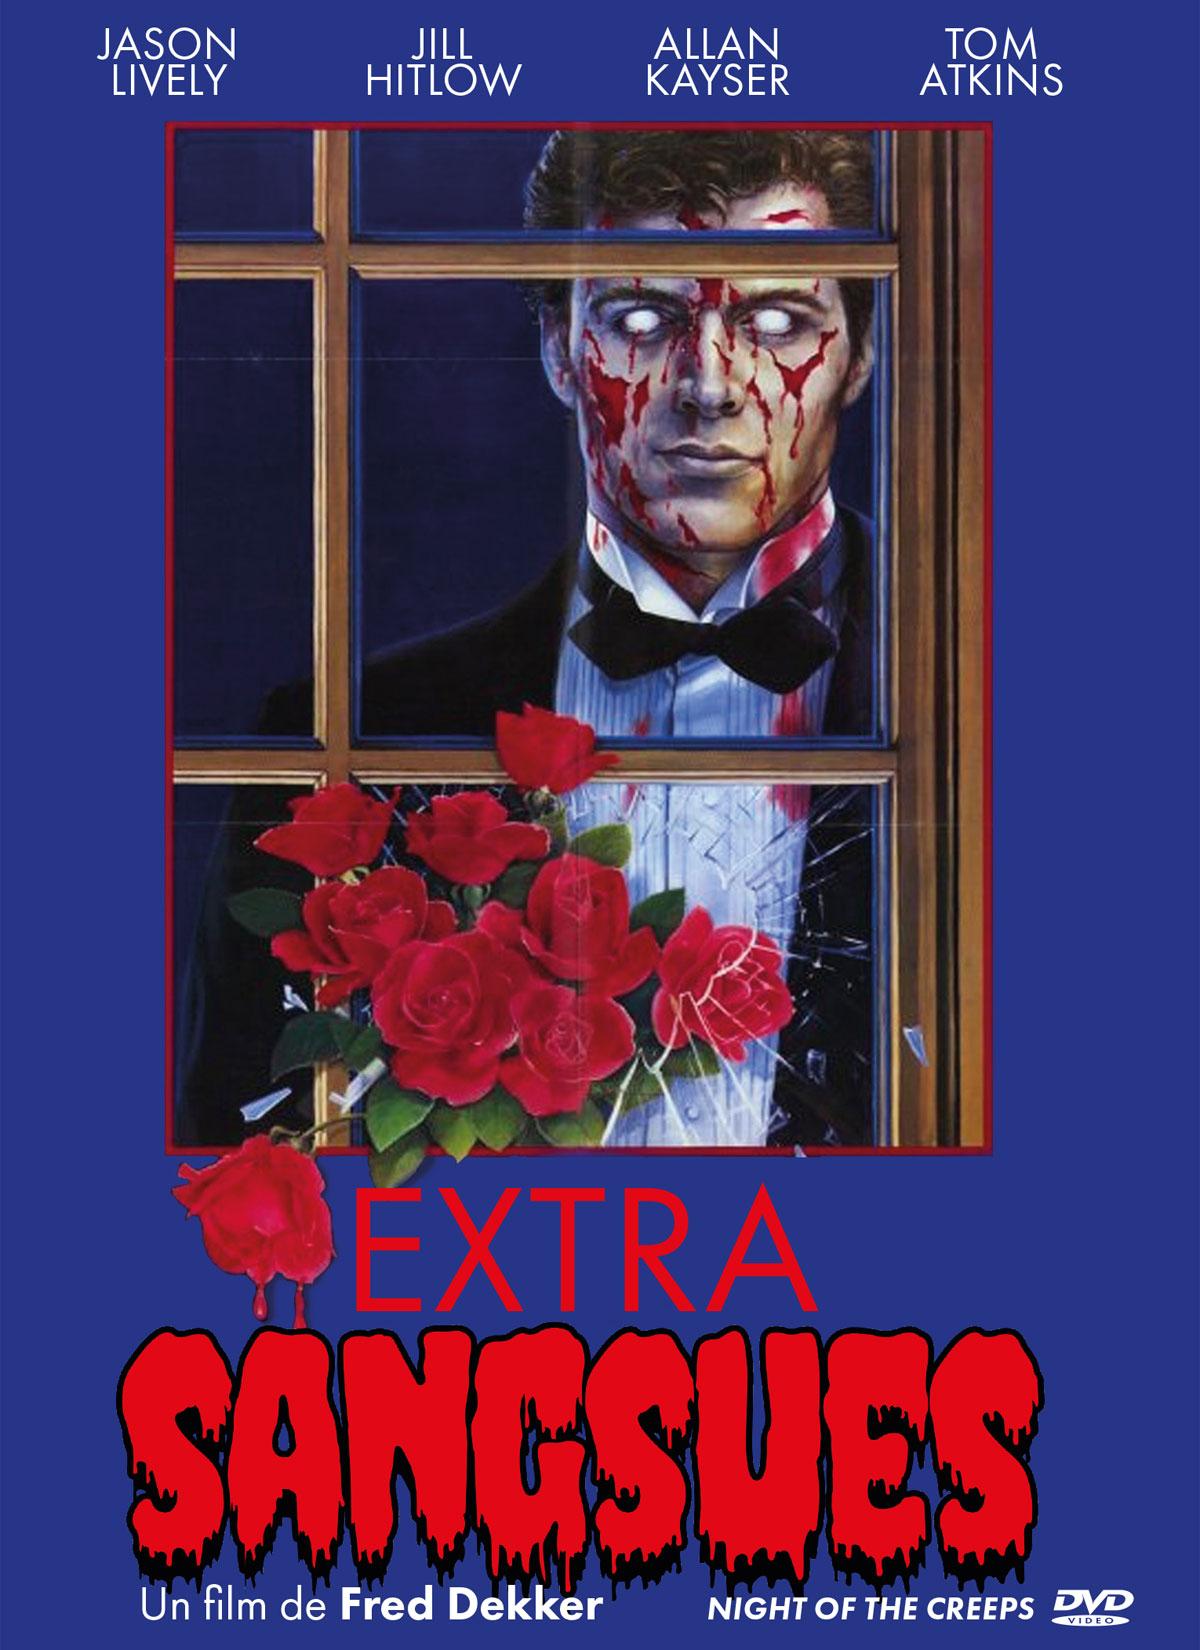 Extra Sangsues Film 1986 Allocine